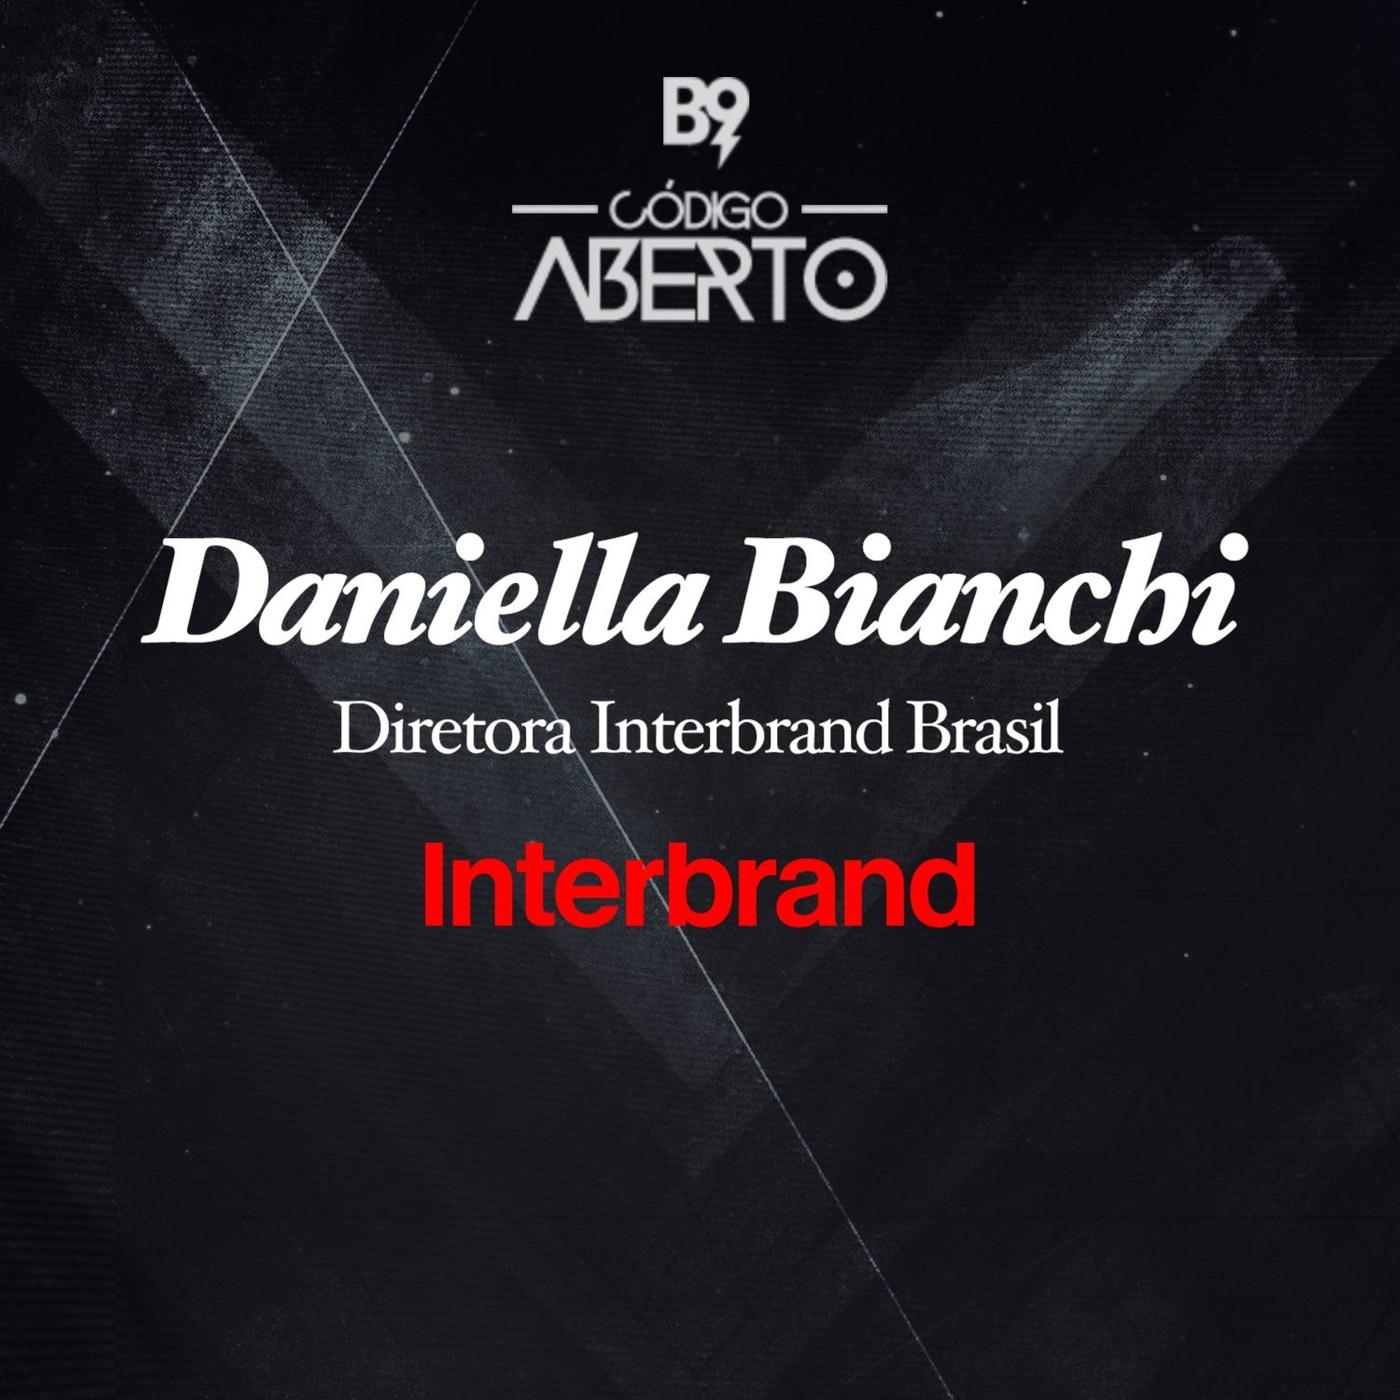 Daniella Bianchi, Diretora da Interbrand Brasil